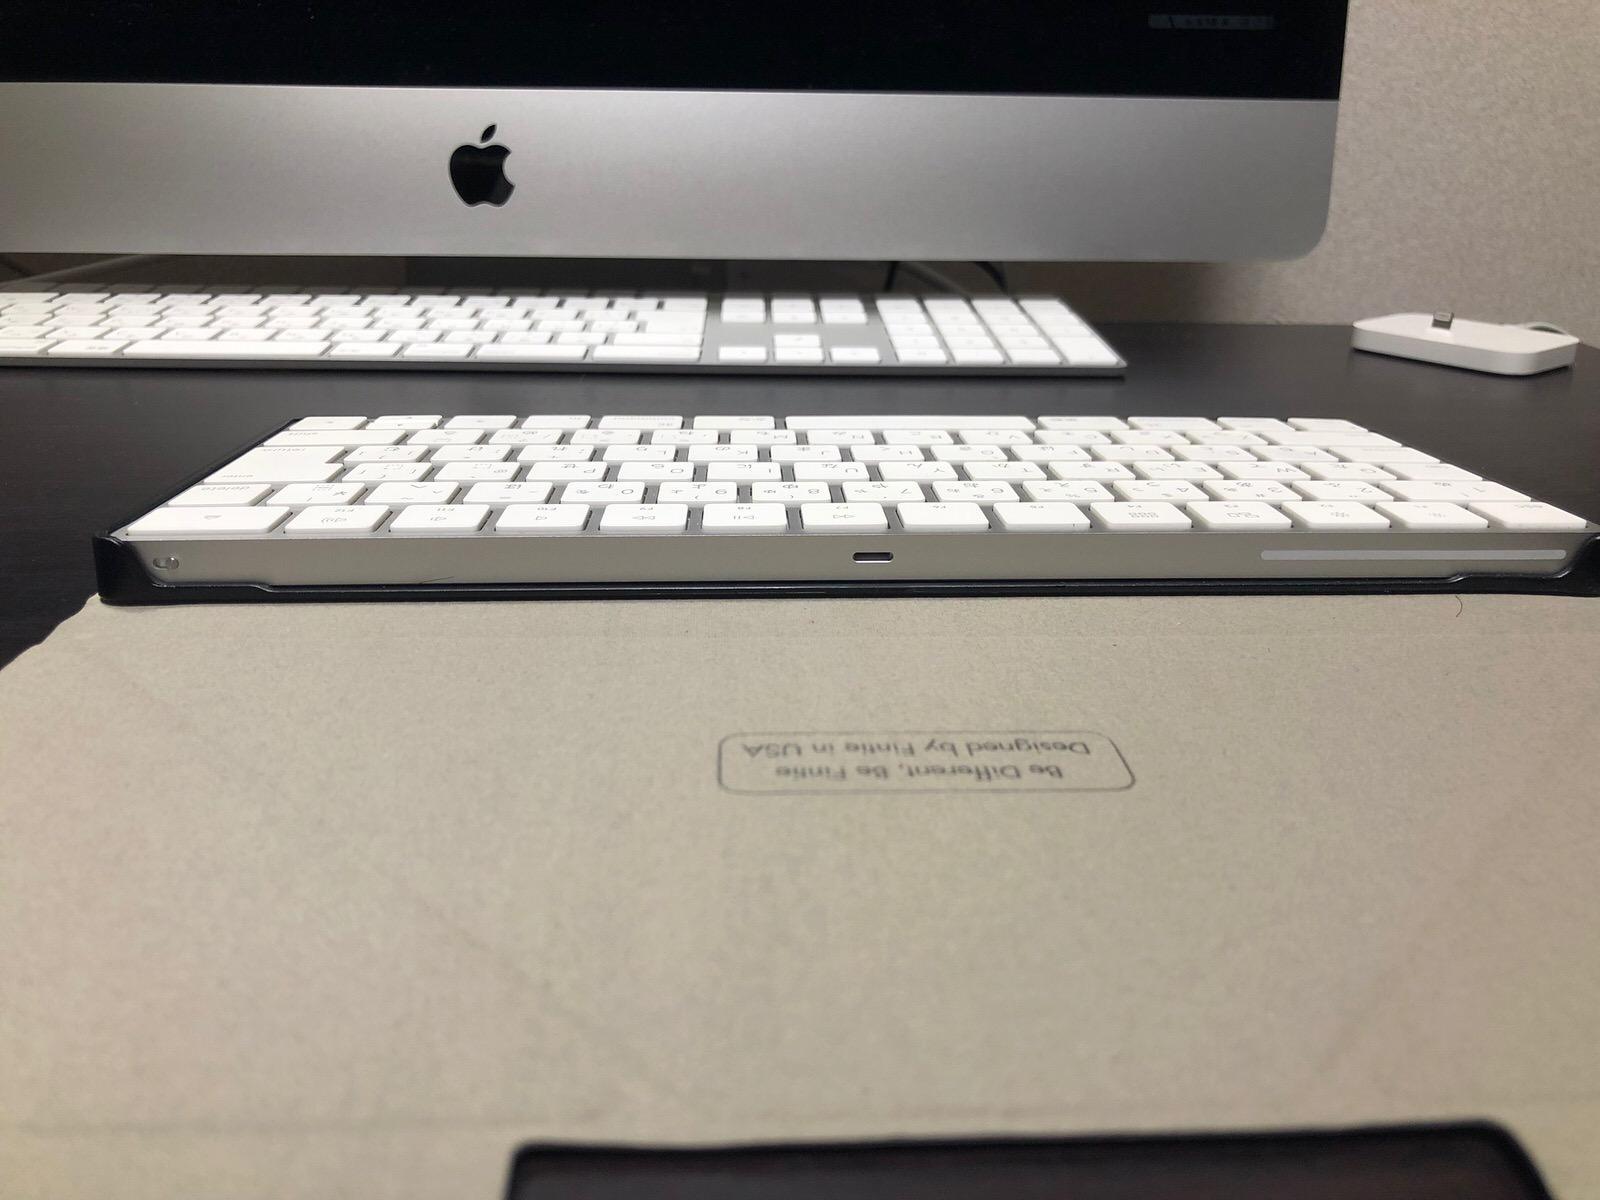 Fintie Apple Magicキーボードケース キーボードカバー MLA22LL/A専用 PUレザー スタンド機能−20